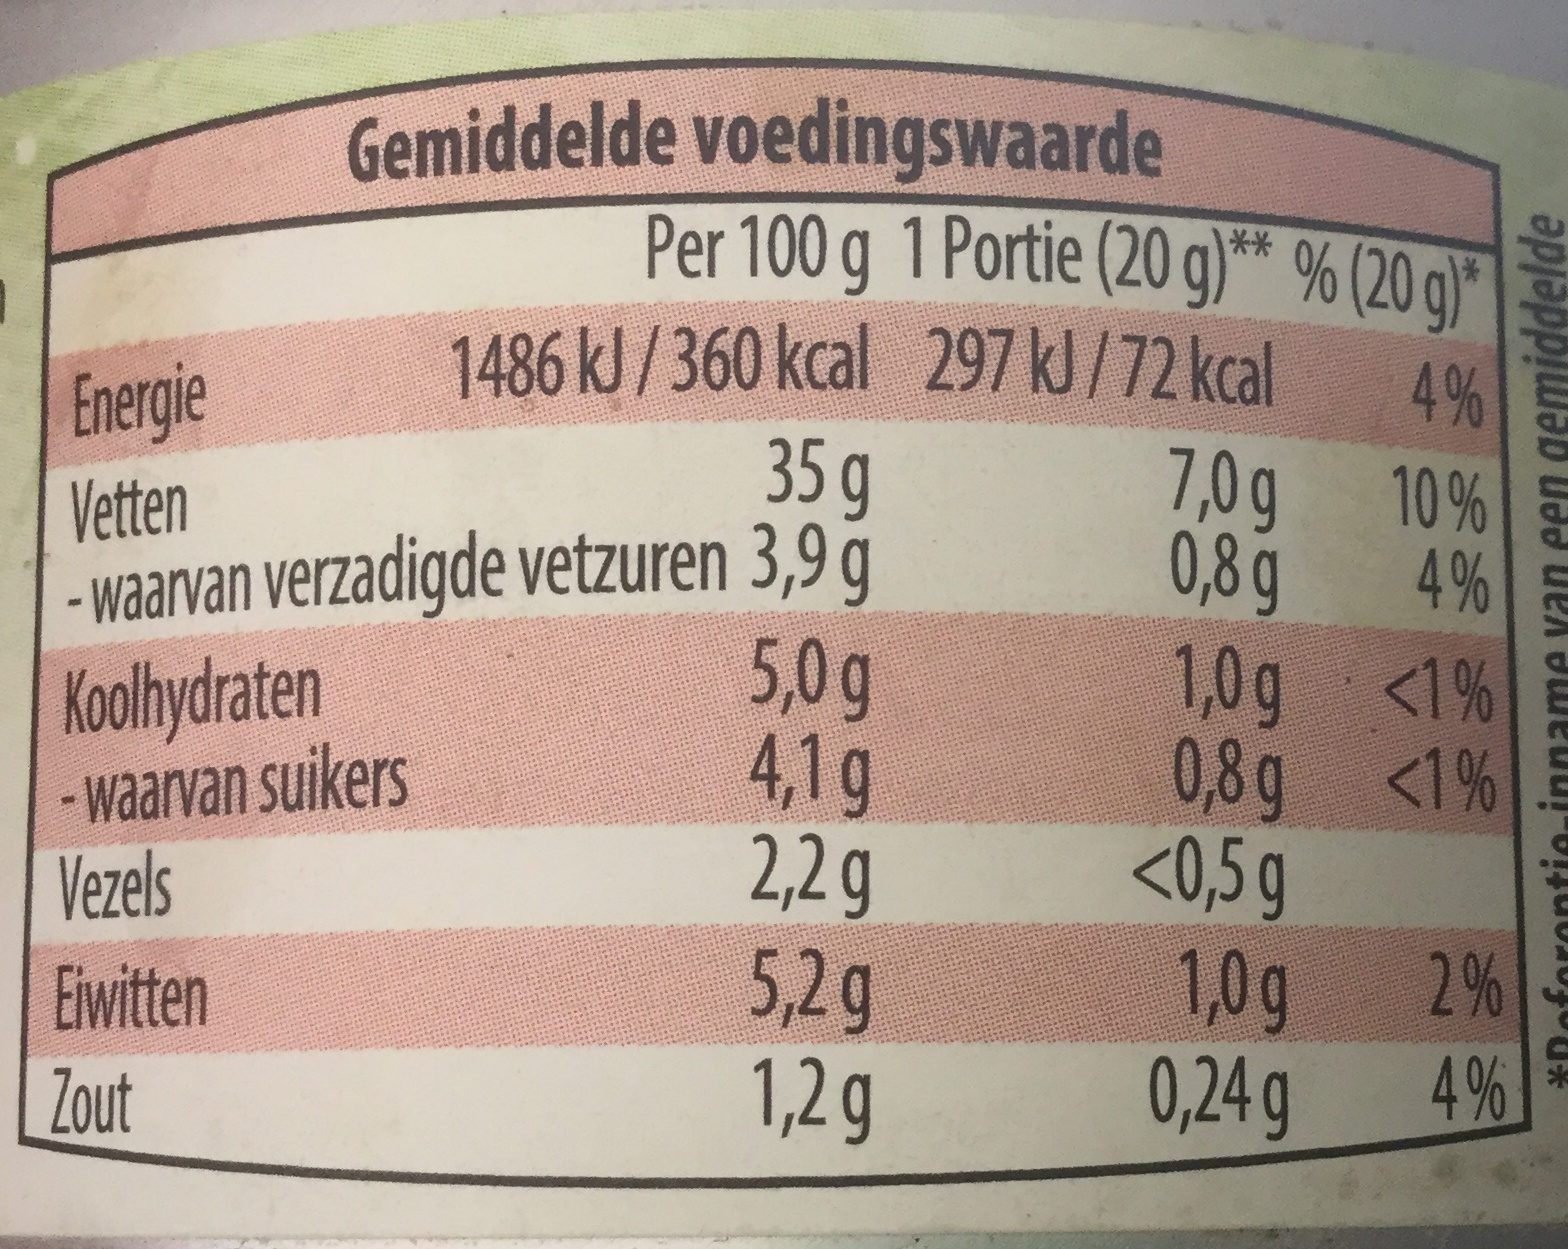 Vegetarische boterhamspread - Nutrition facts - nl